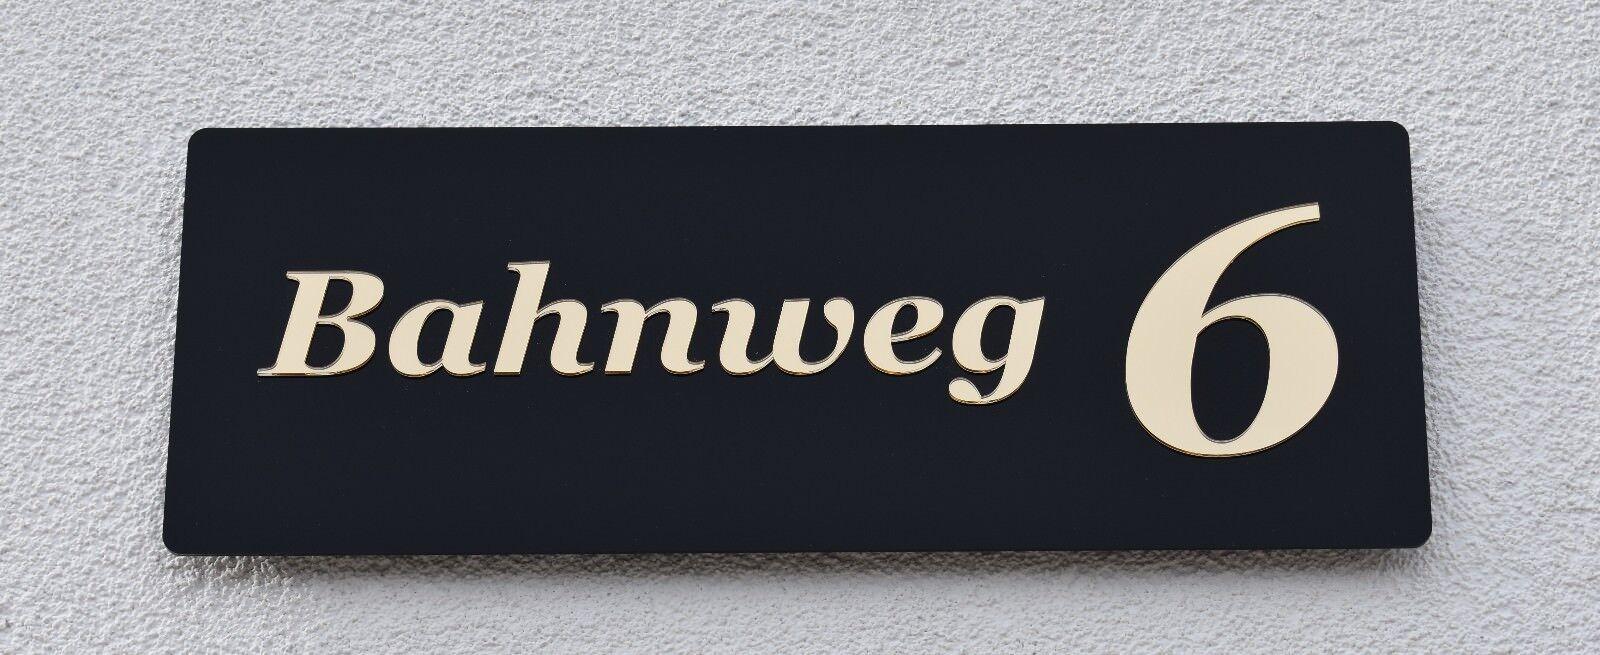 Hausnummer Hochglanz Schwarz 9H01 Acryl   Gold